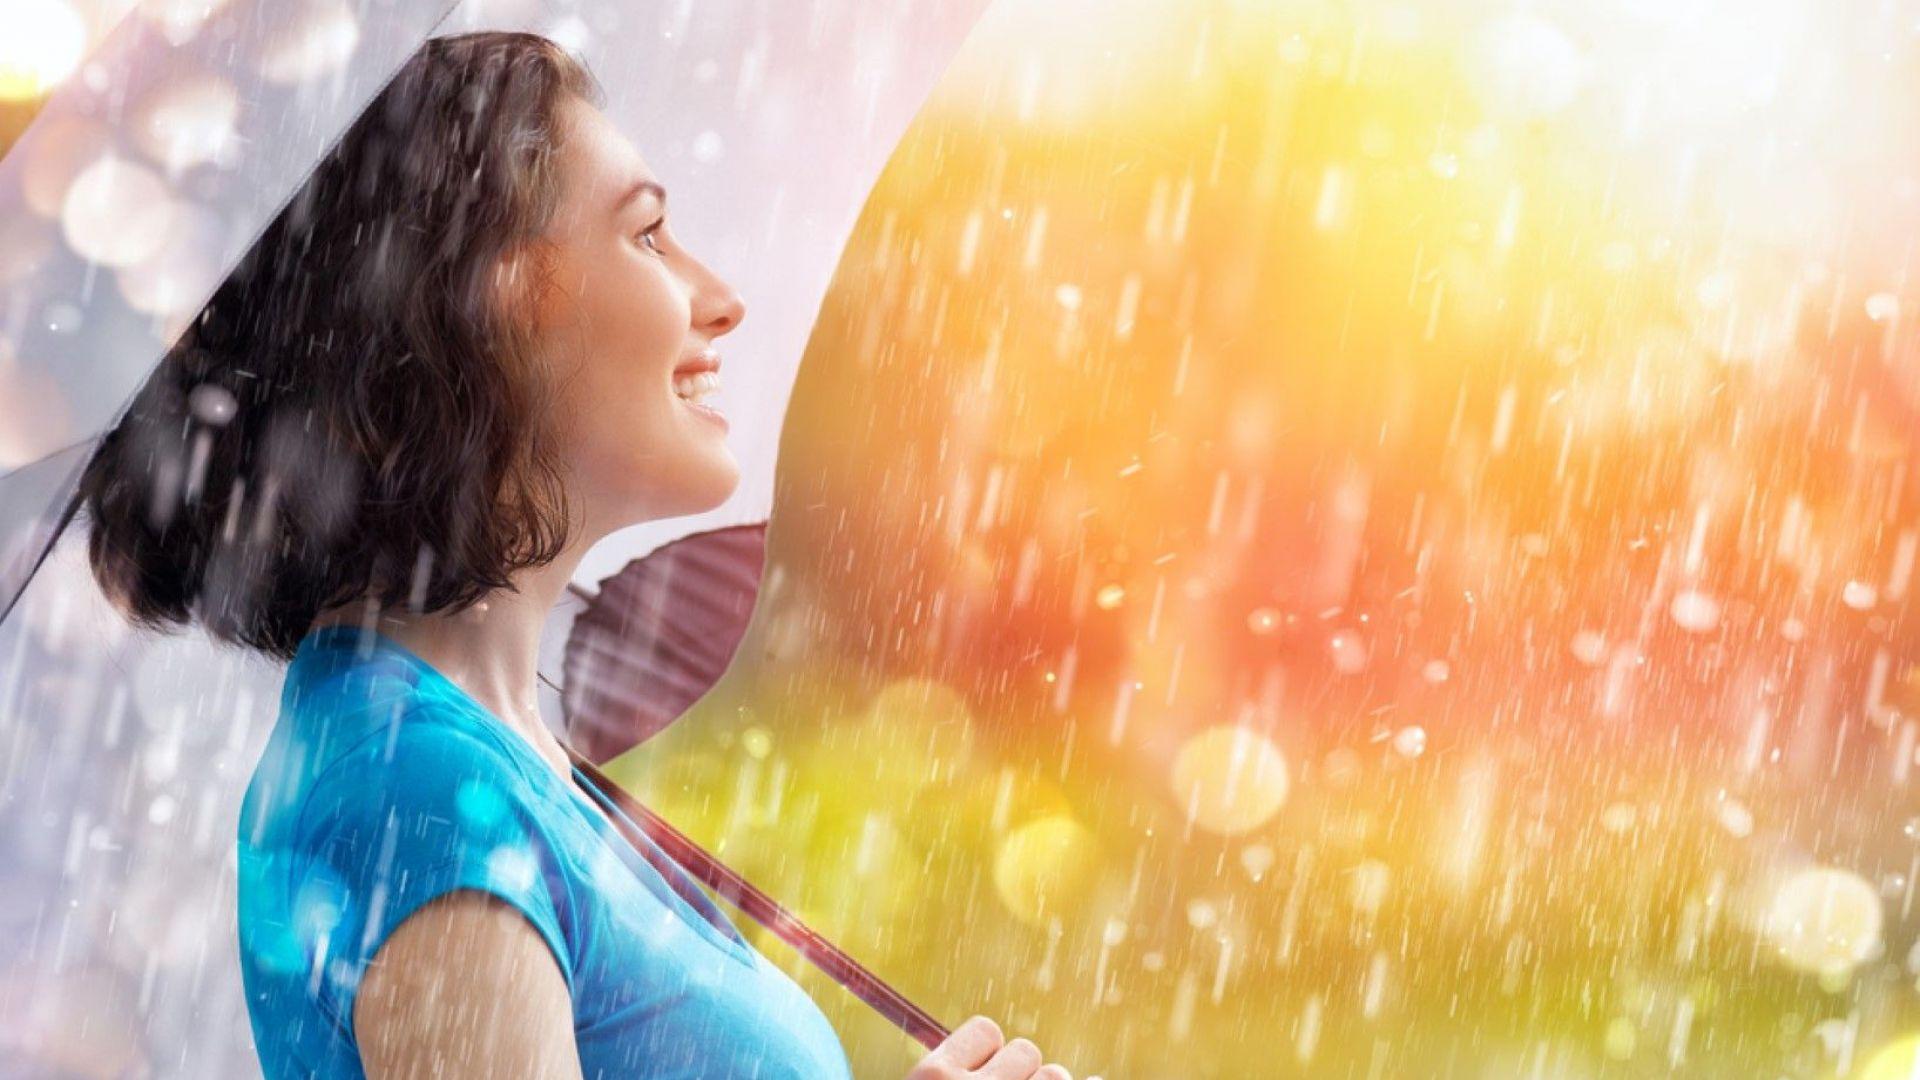 Носете си чадъри днес - отново ще вали и гърми